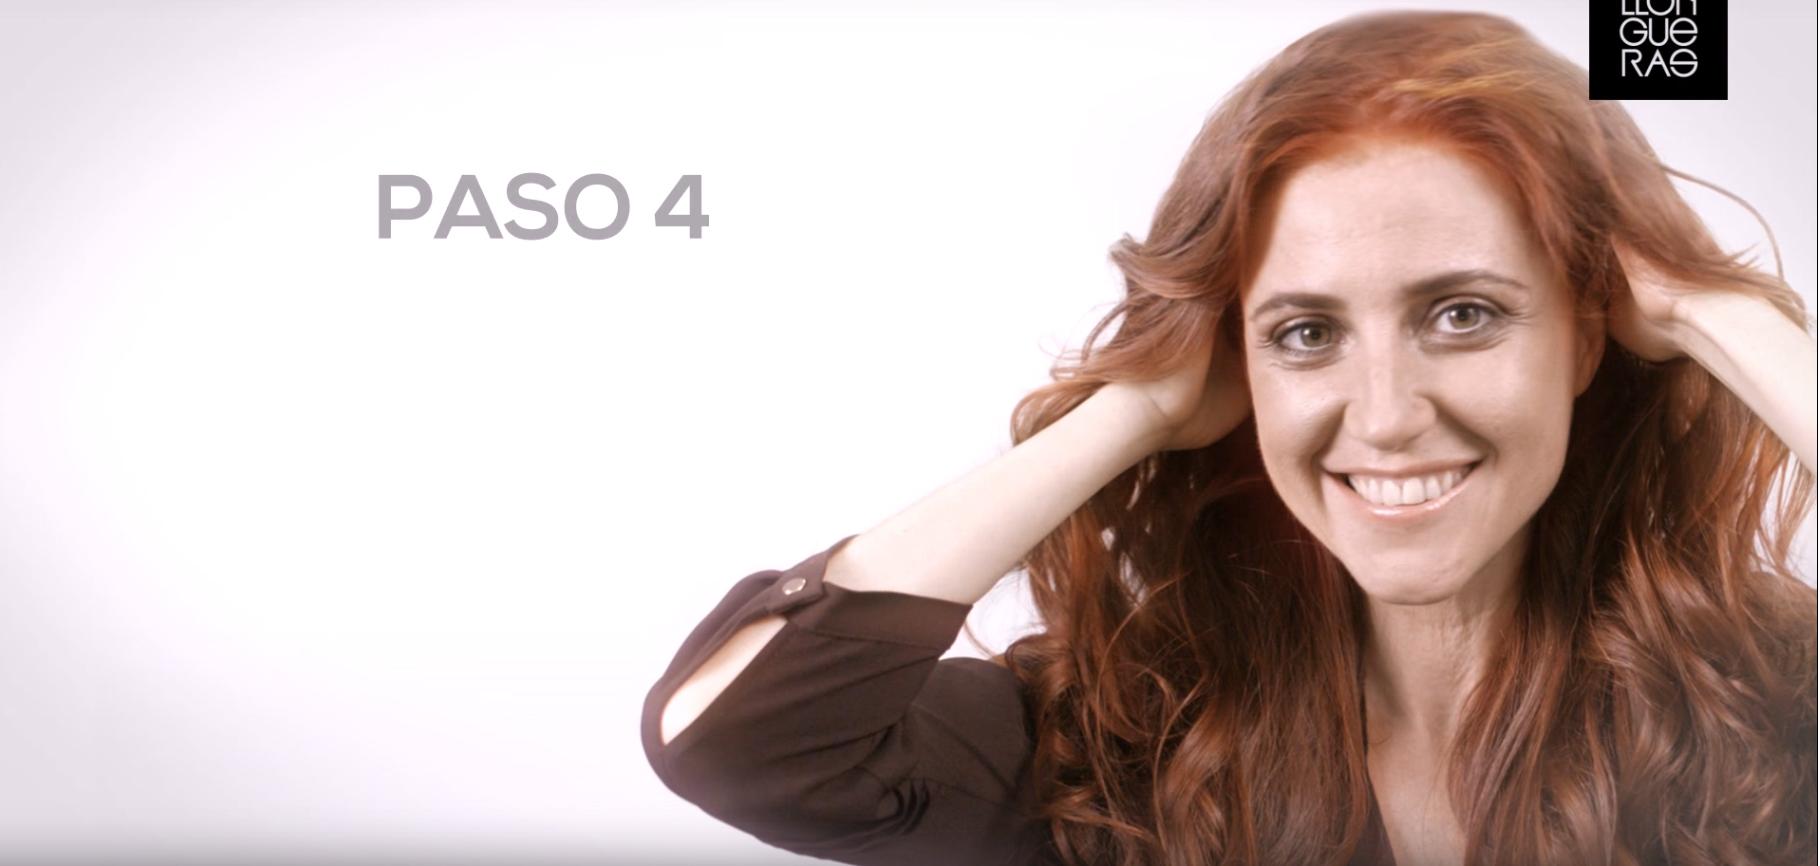 Llongueras rueda su video con Anastasia Stupak